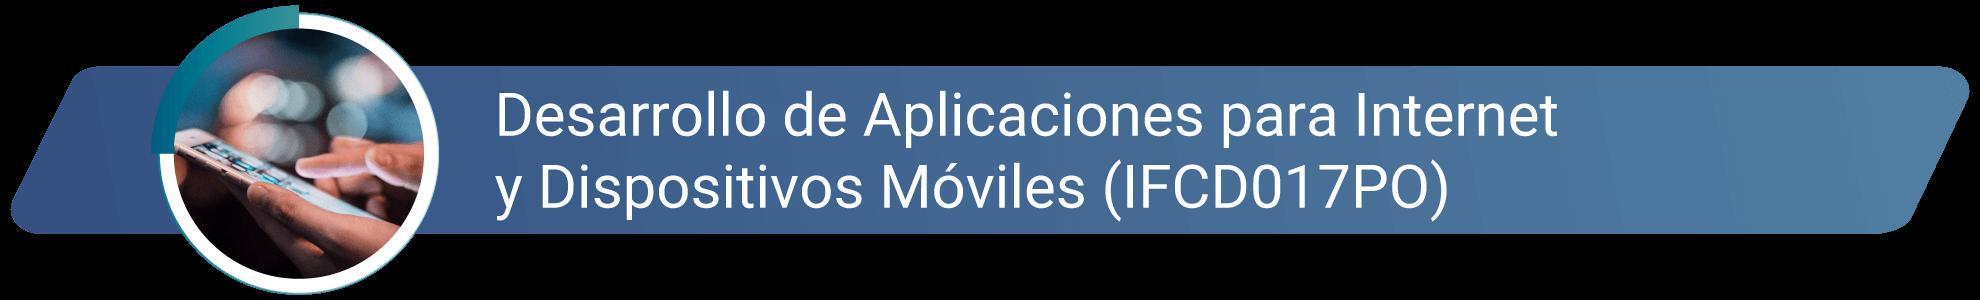 IFCD017PO - Desarrollo de aplicaciones para internet y dispositivos móviles